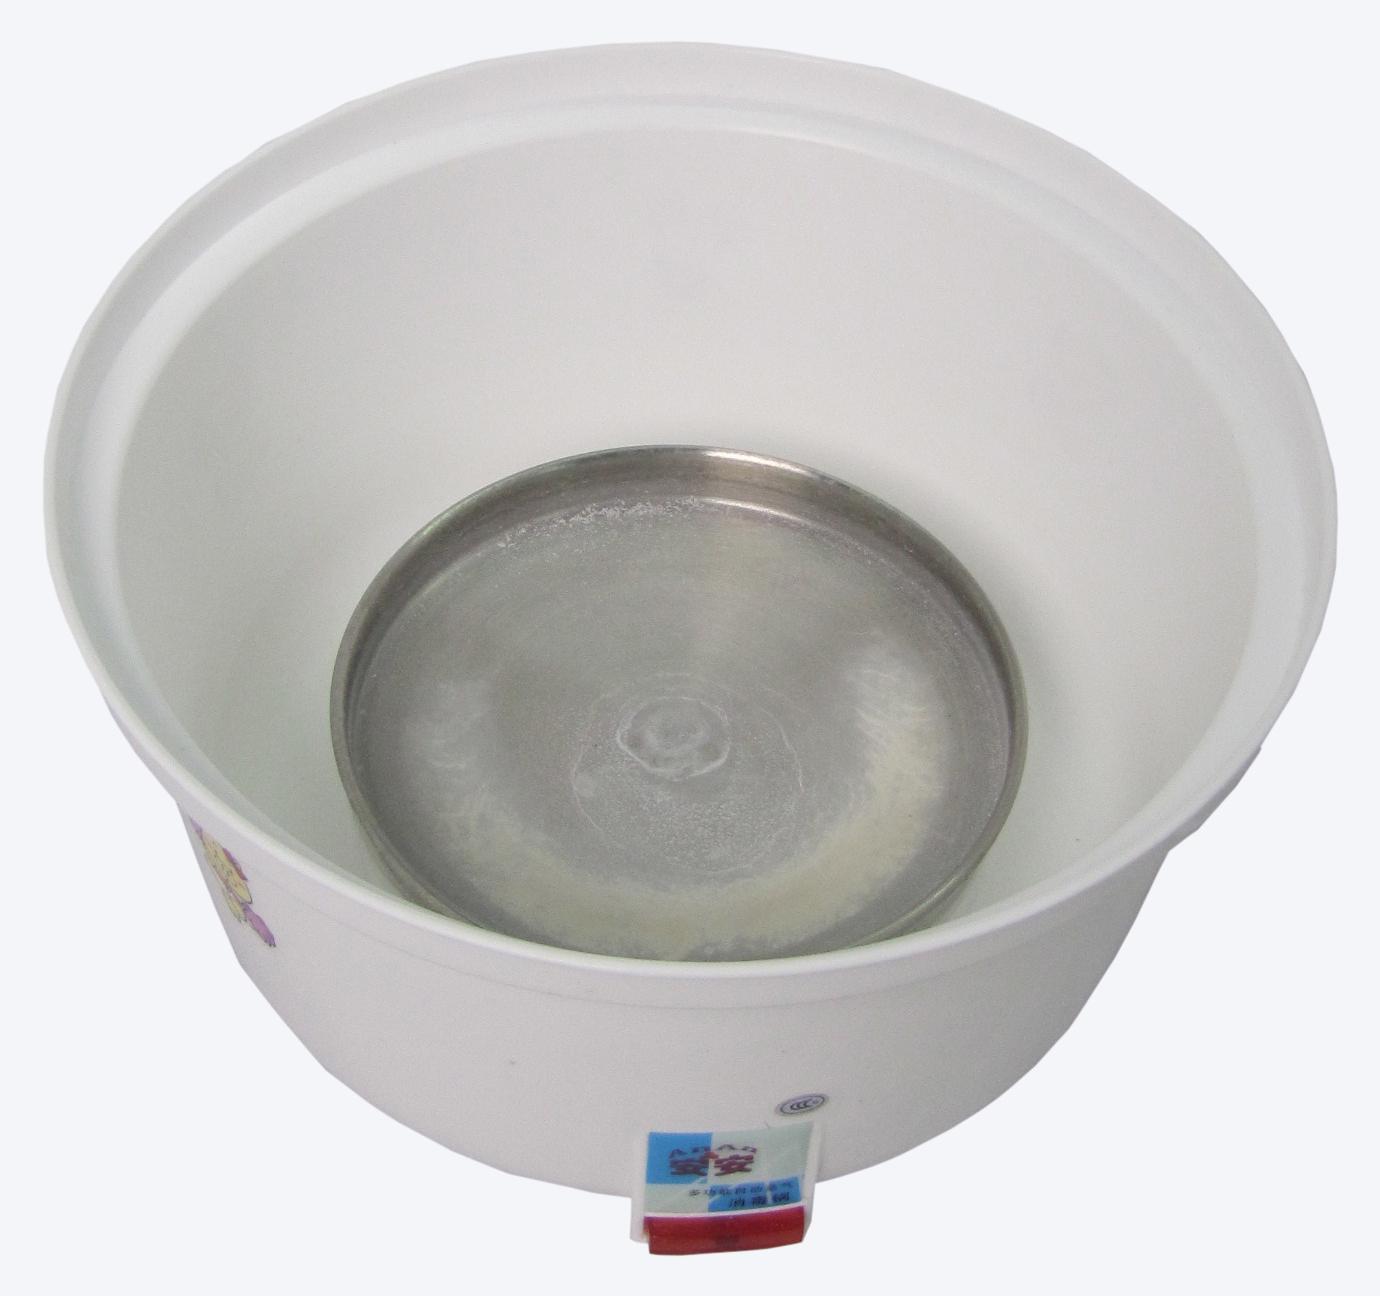 清除水垢的方法:往电热盘倒入食用米醋或柠檬酸